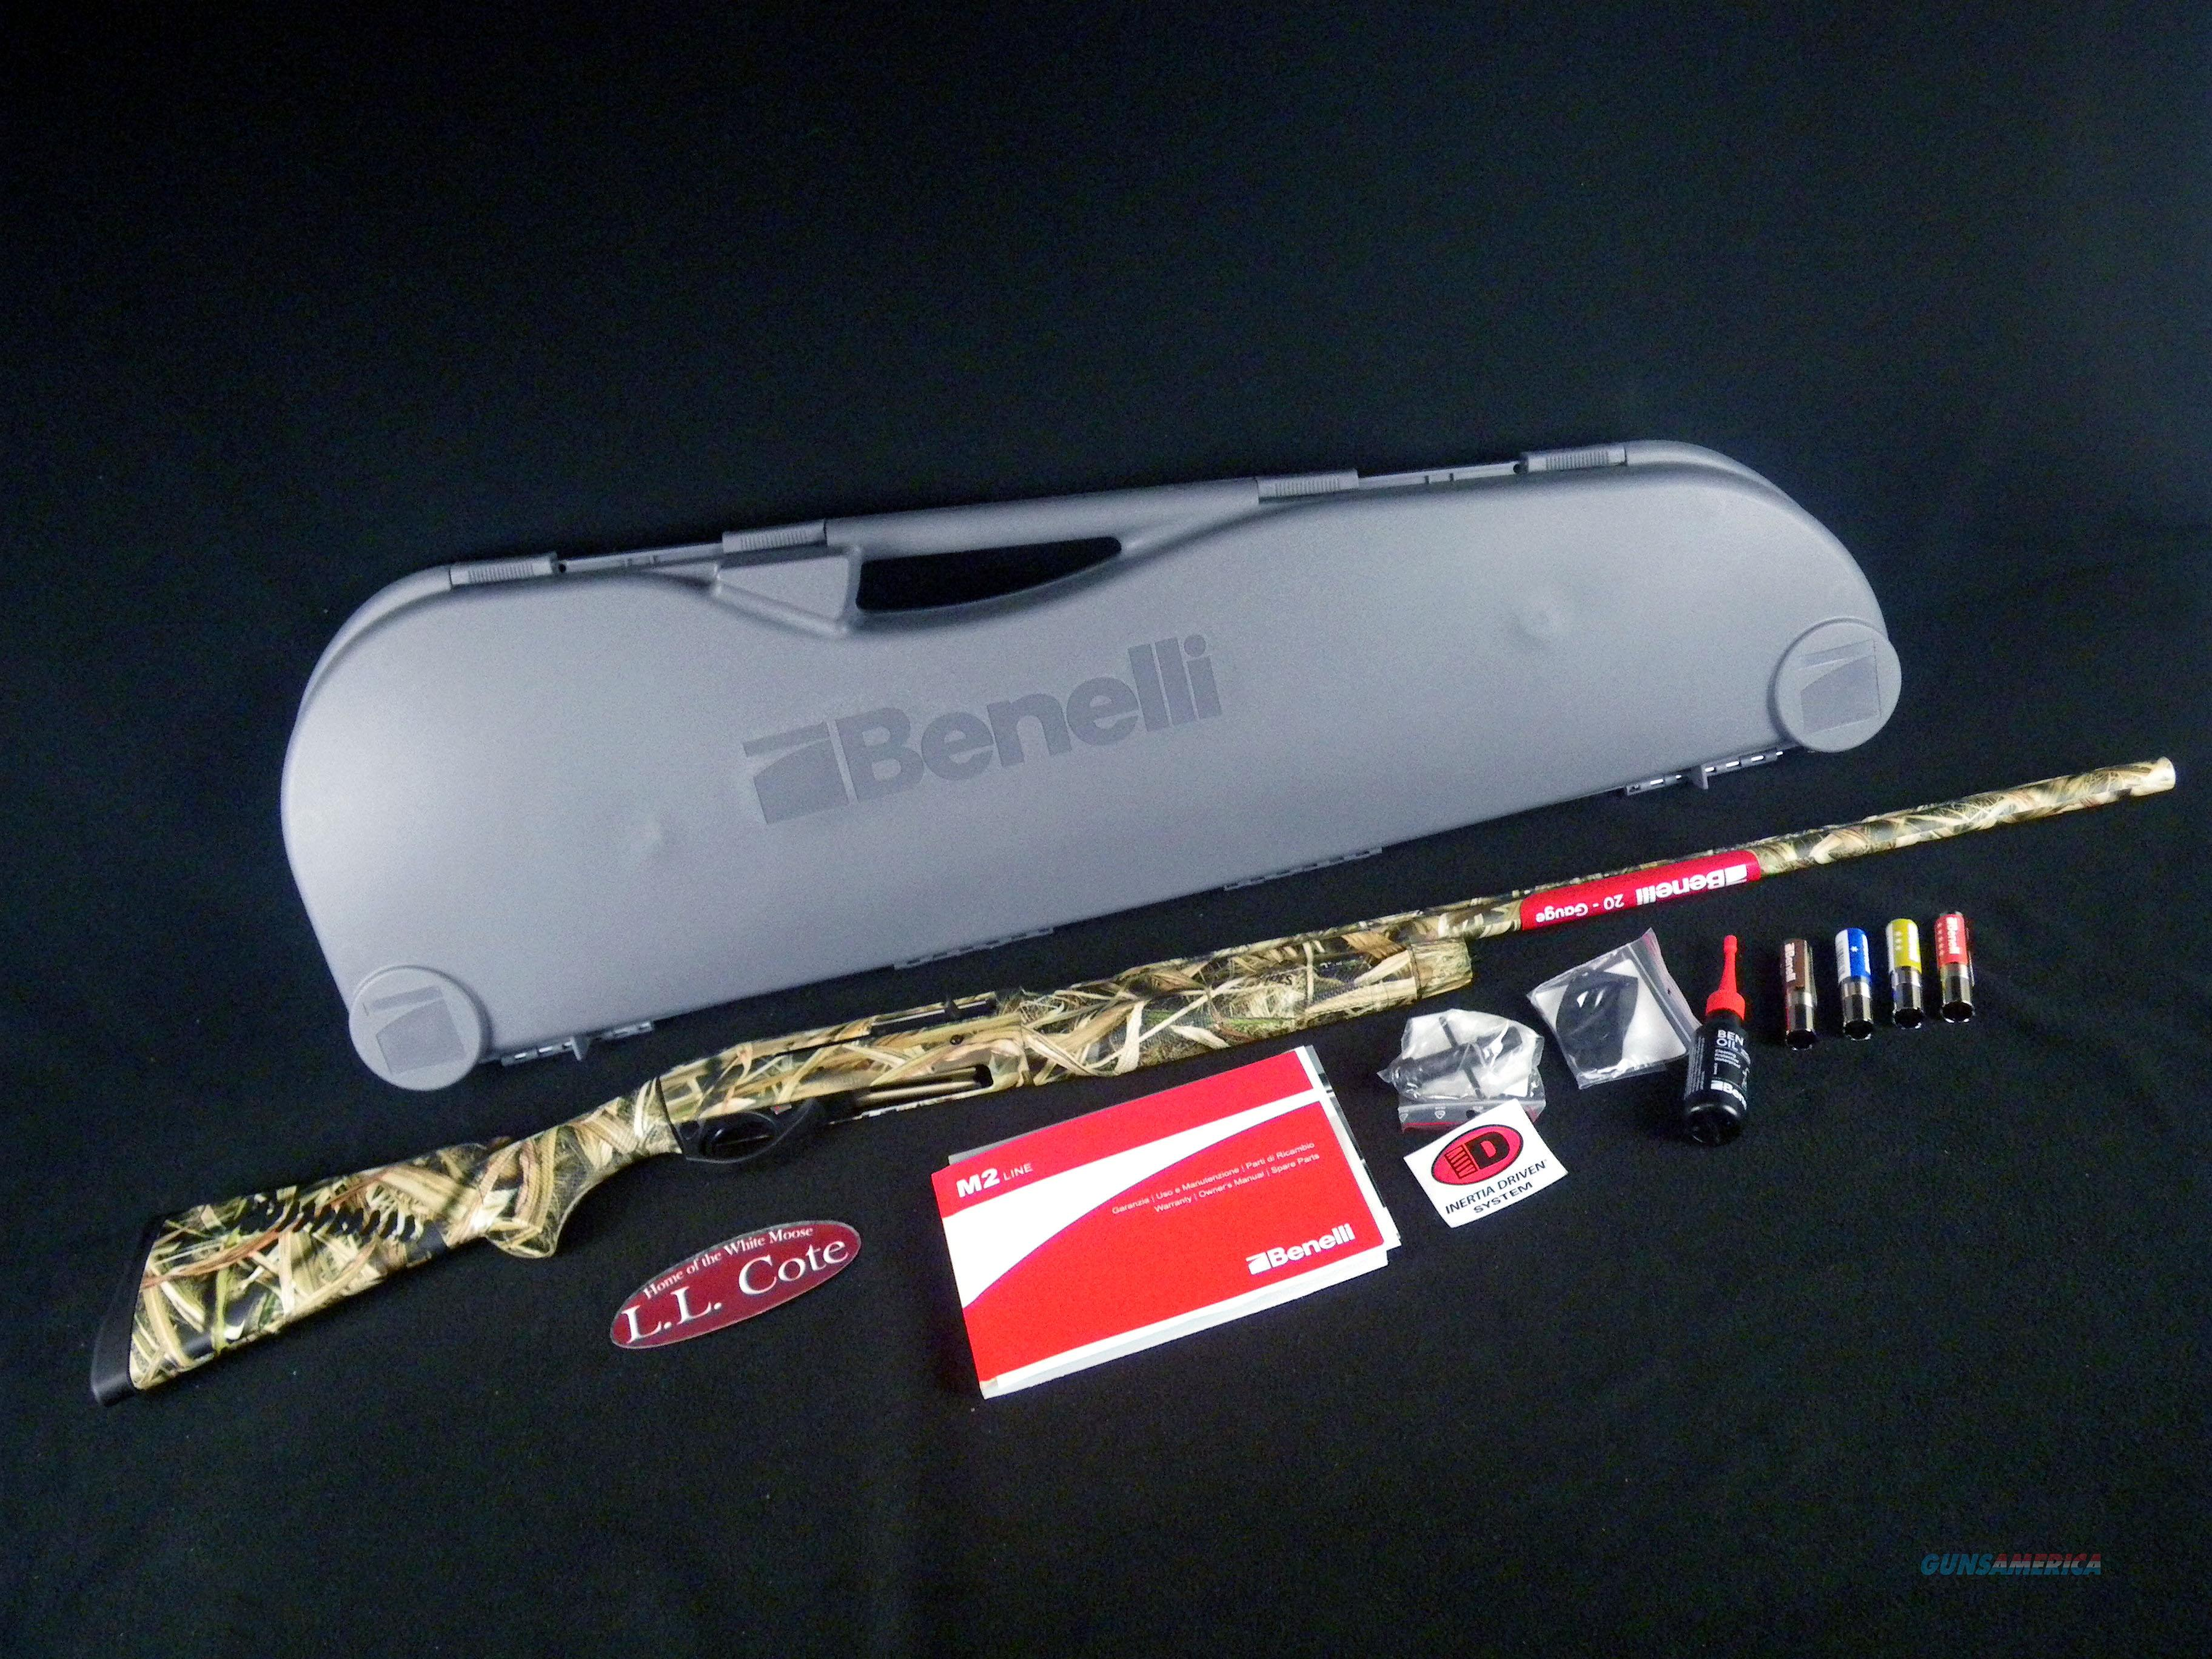 """Benelli M2 Field MOSGB 20ga 26"""" NEW 3"""" 11076Benelli M2 Field MOSGB 20ga 26"""" NEW 3"""" 11076  Guns > Shotguns > Benelli Shotguns > Sporting"""